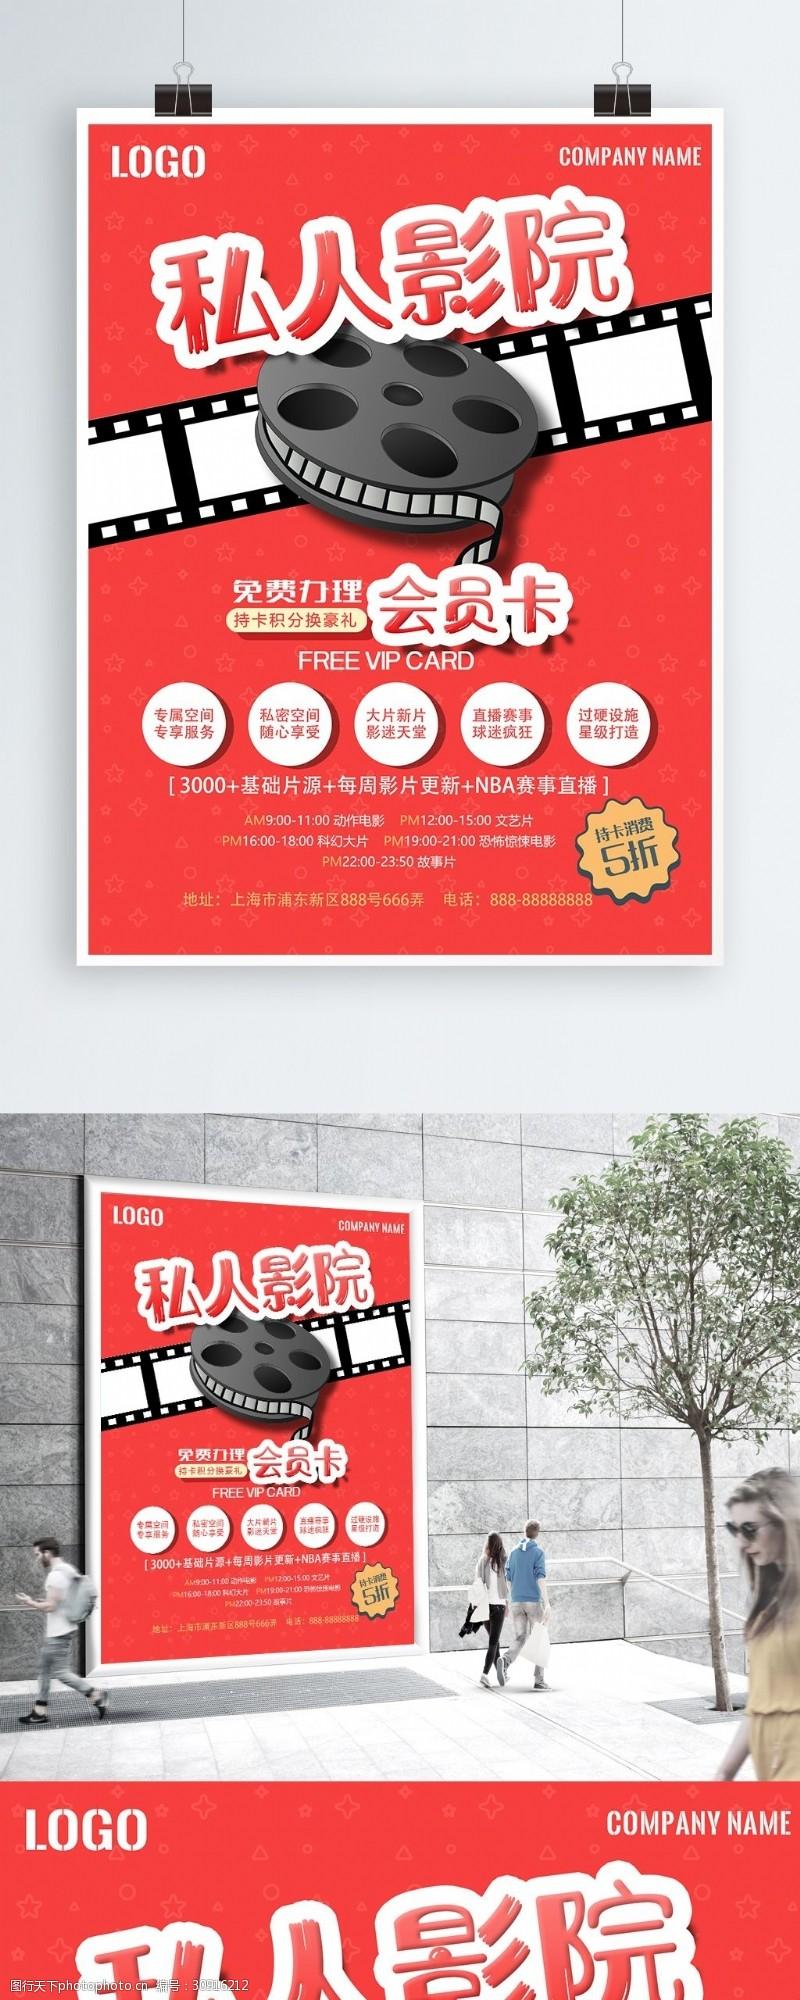 私人影院观影宣传红色简约原创海报